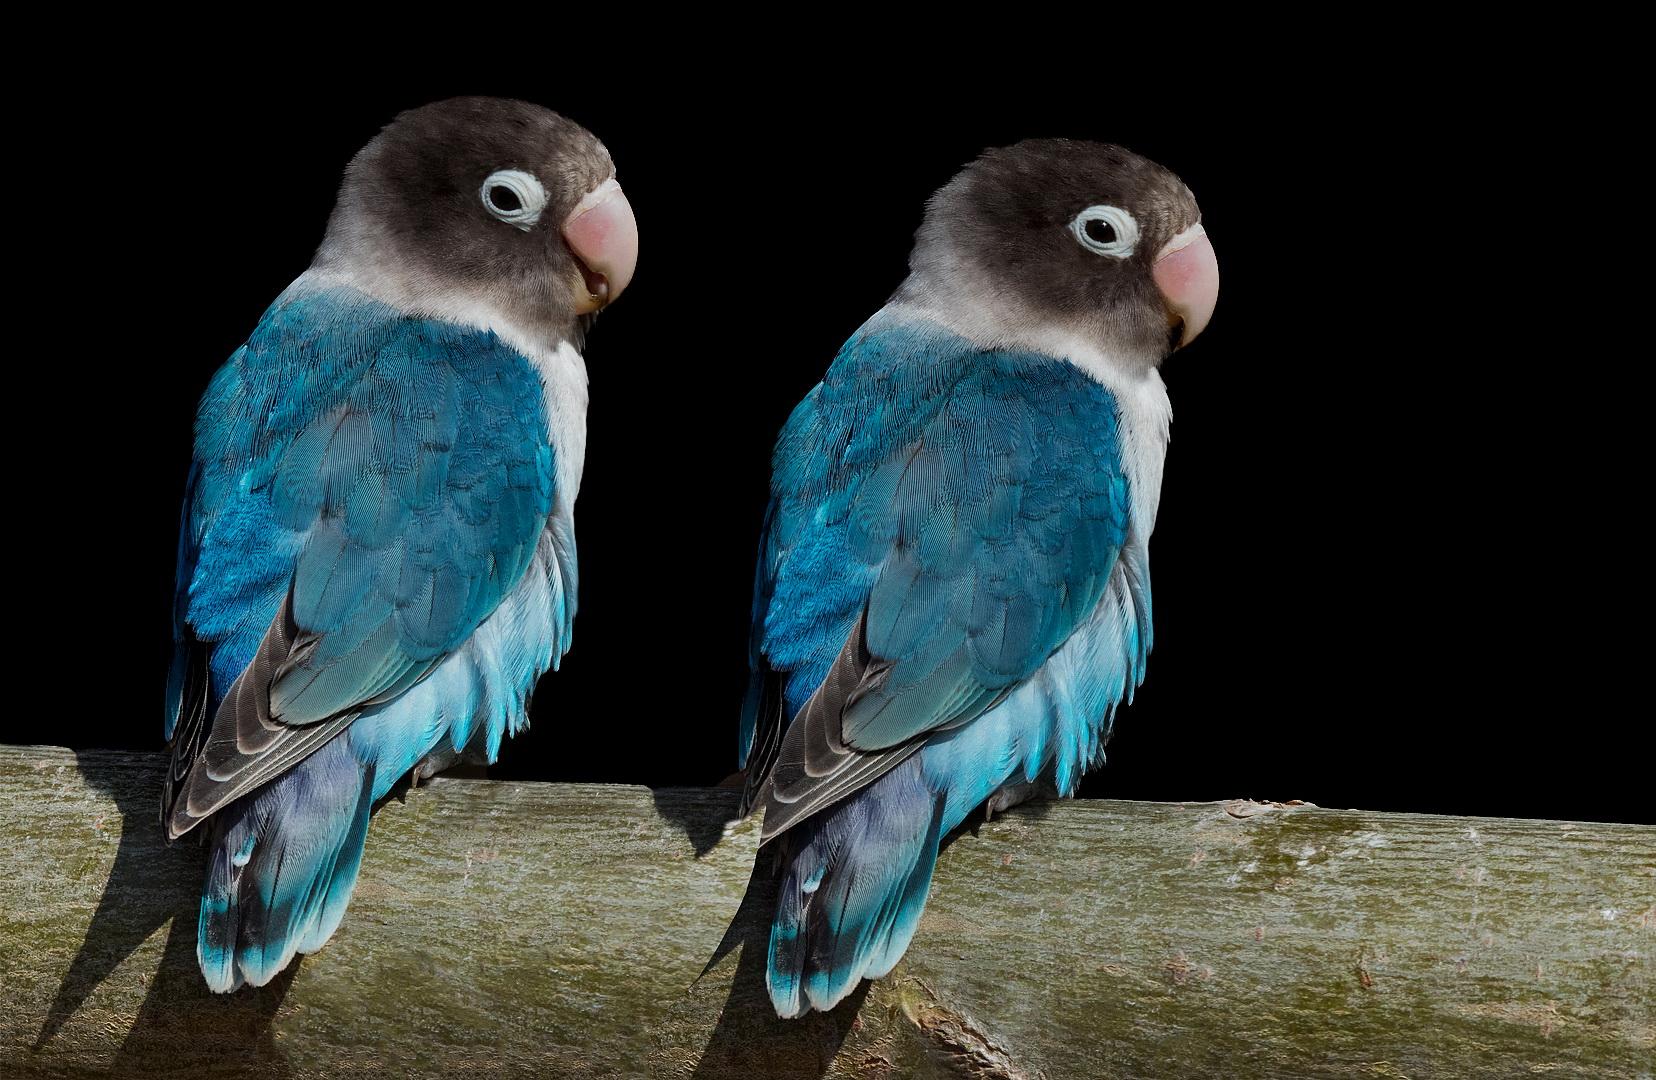 Schwarzköpfchen Blaue Variante Foto Bild Landschaft Lebensräume